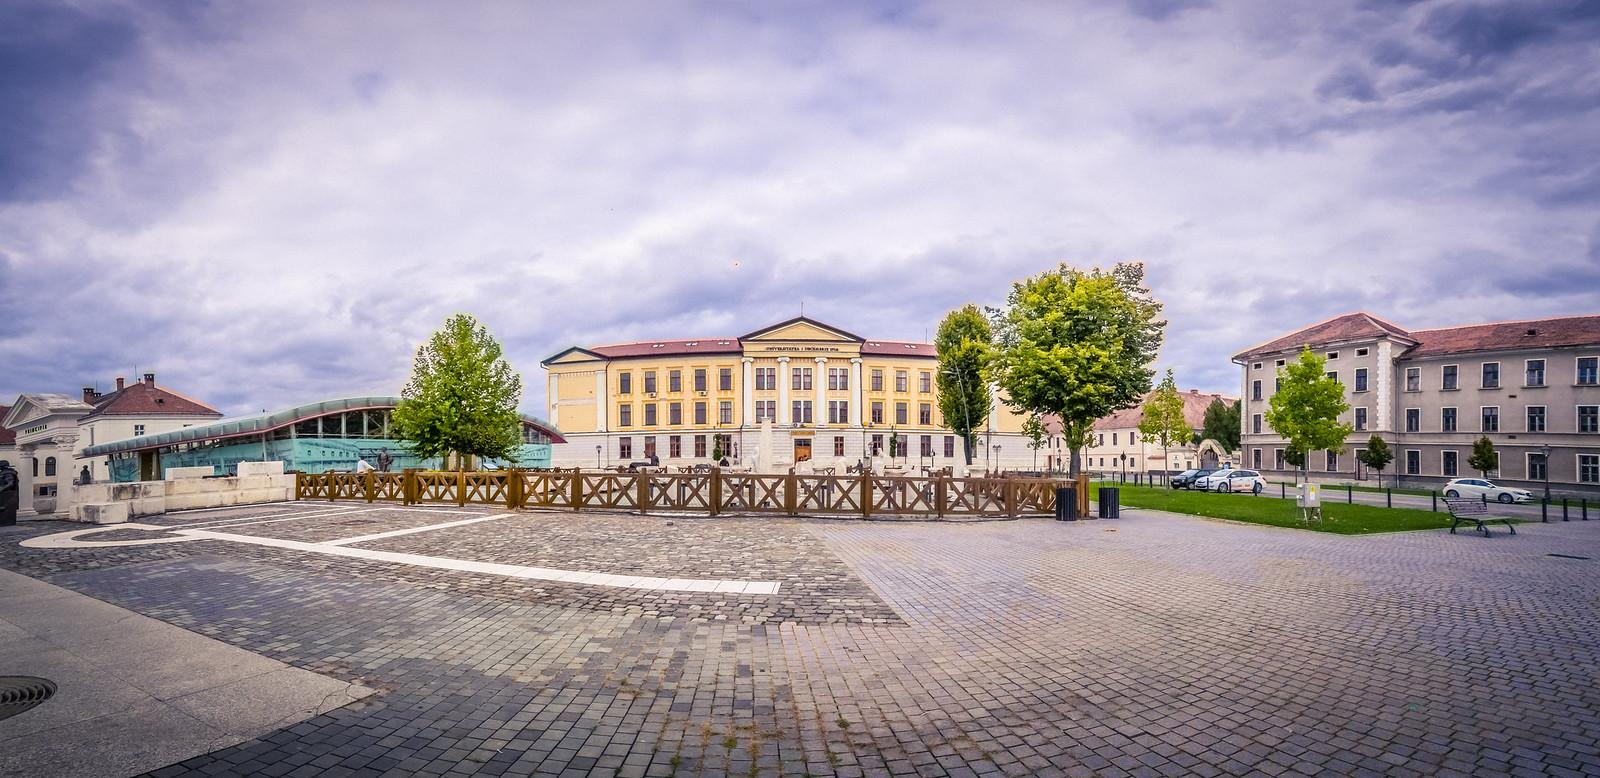 Universitatea 1 Decembrie 1918 - Alba Iulia